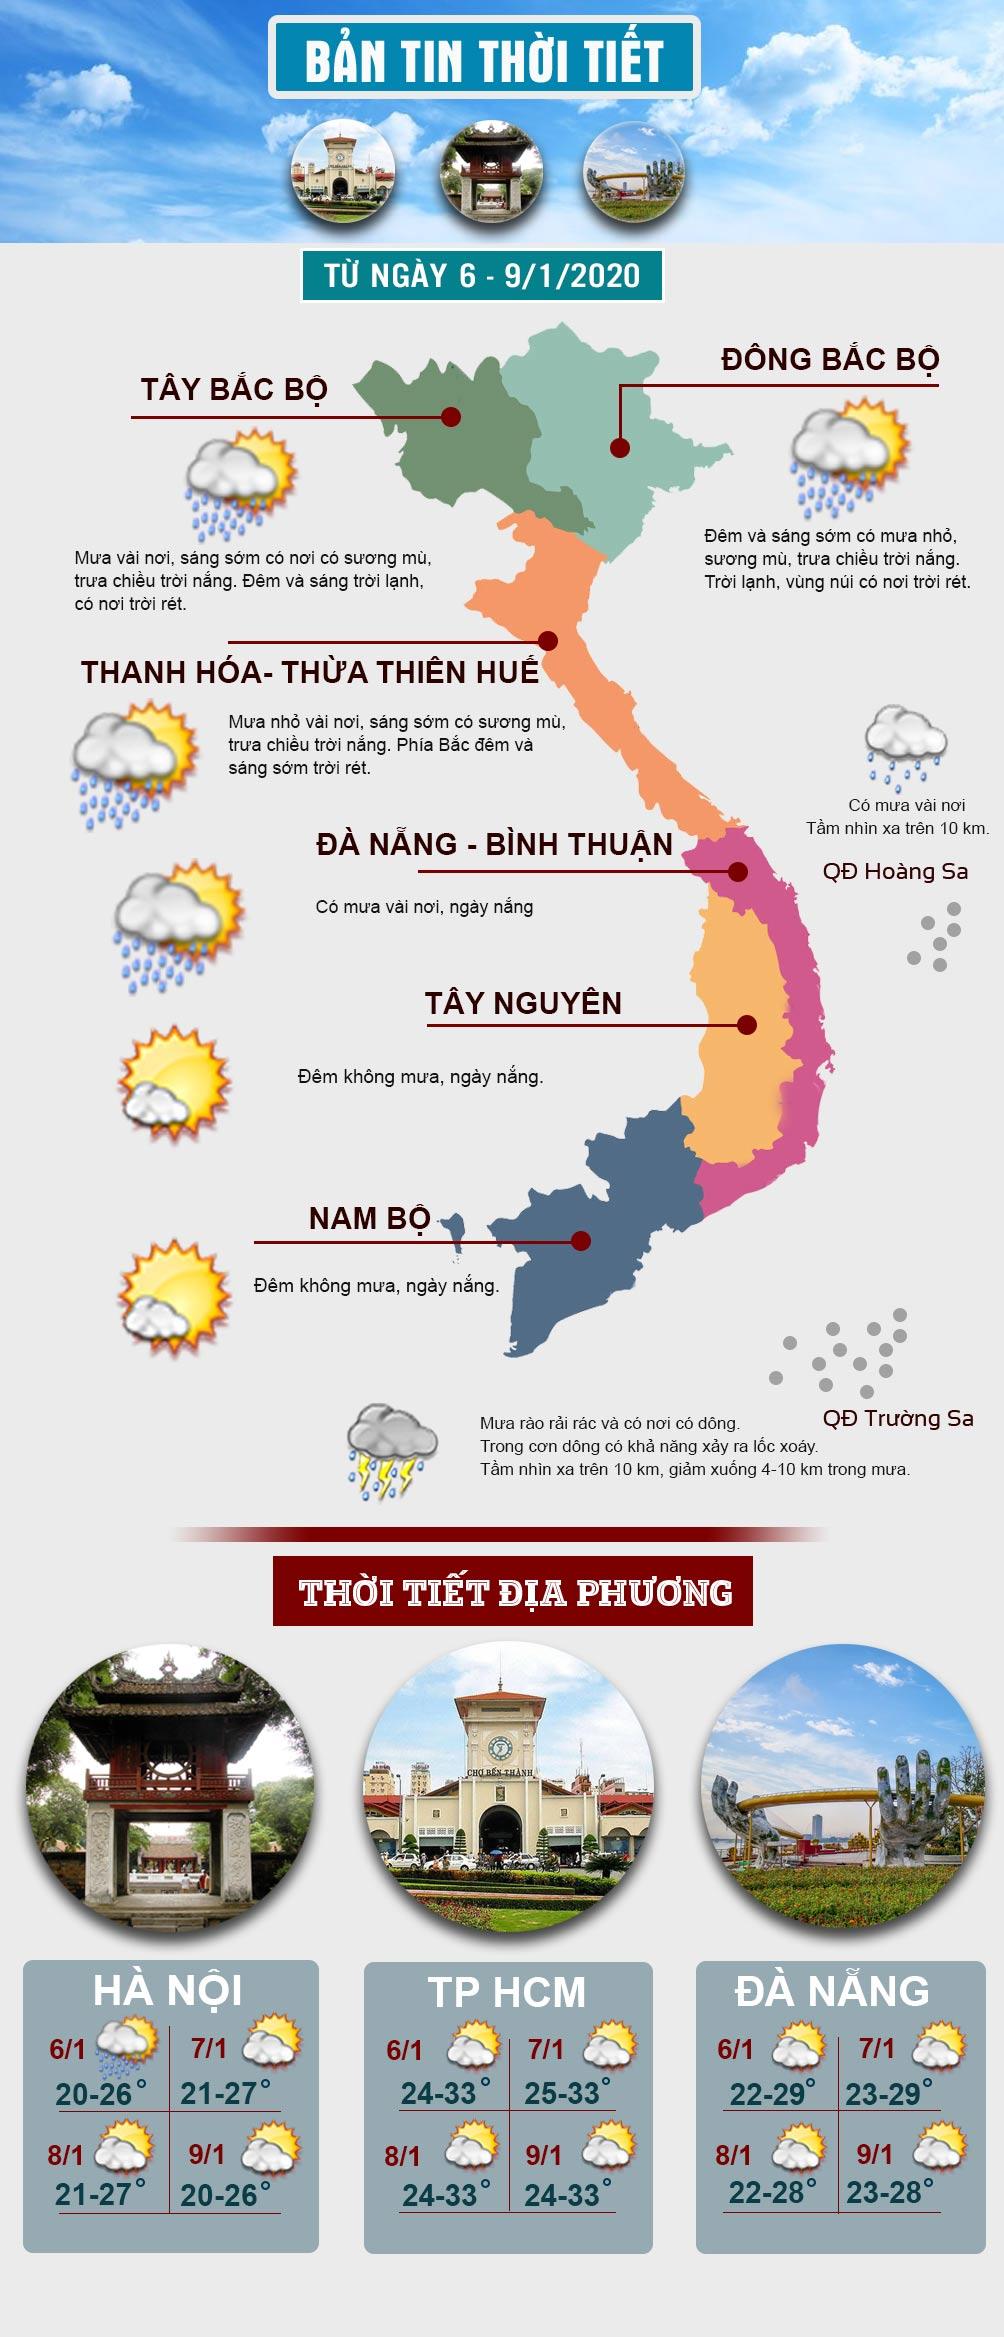 Đầu tuần, miền Bắc có mưa rét, miền Nam trời nắng ráo - 1